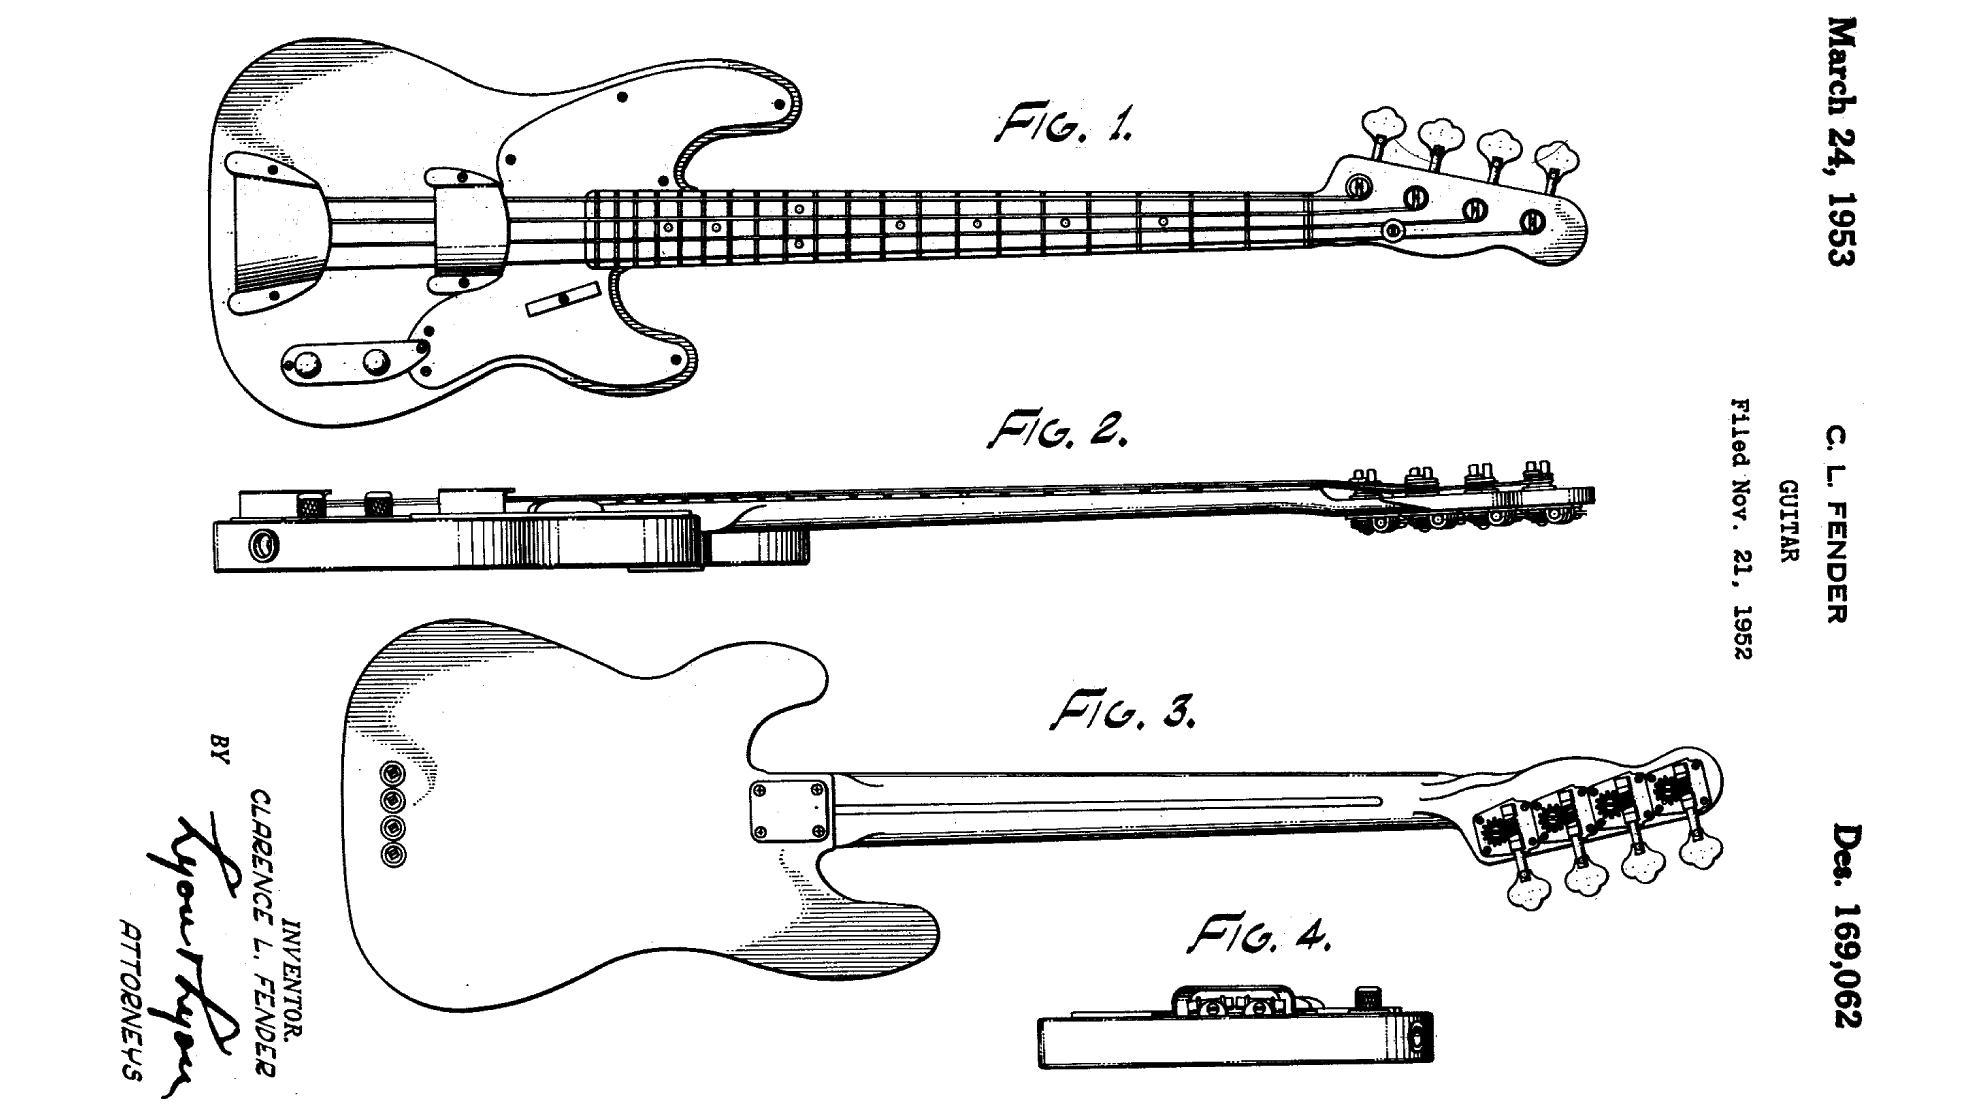 Stratocaster Design Patent